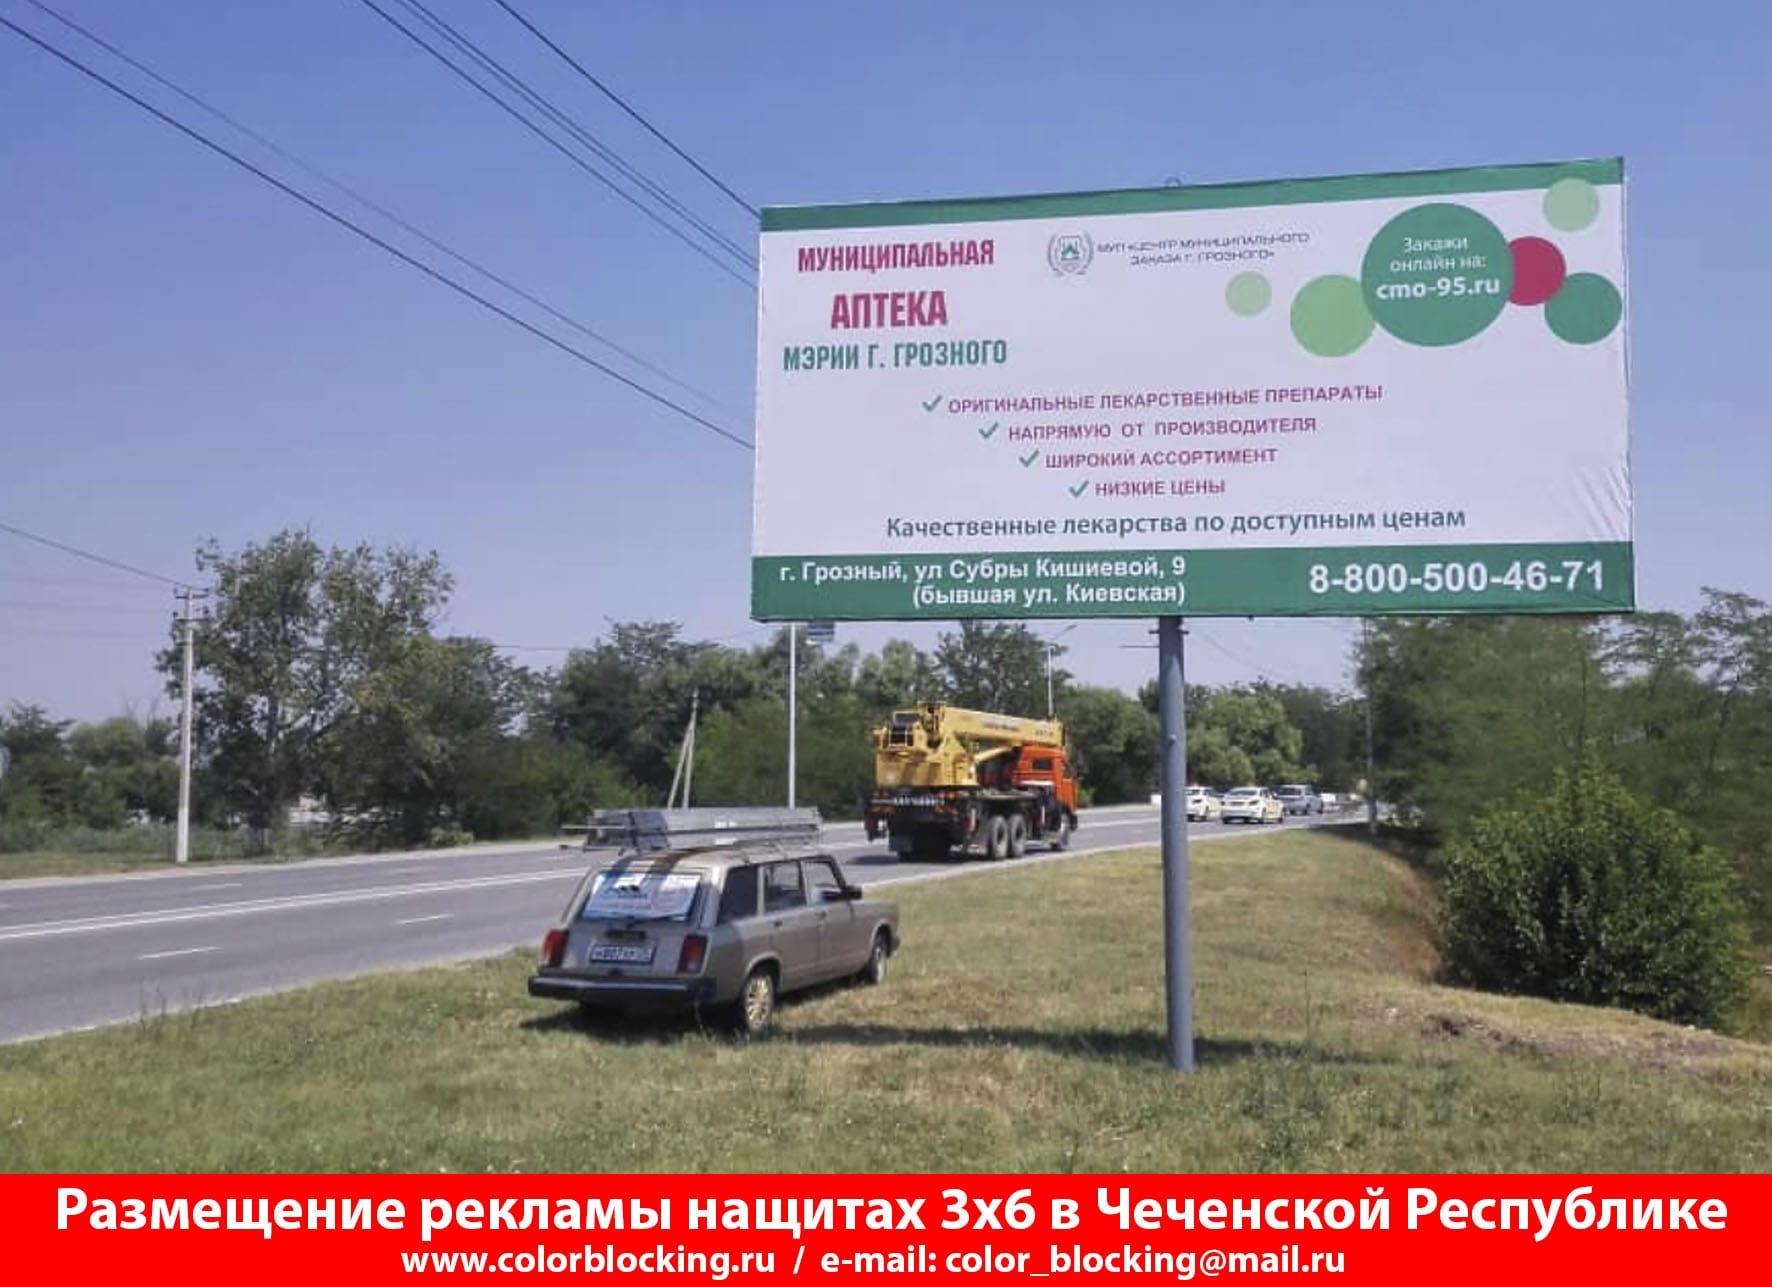 Рекламная кампания в Чечне Грозный